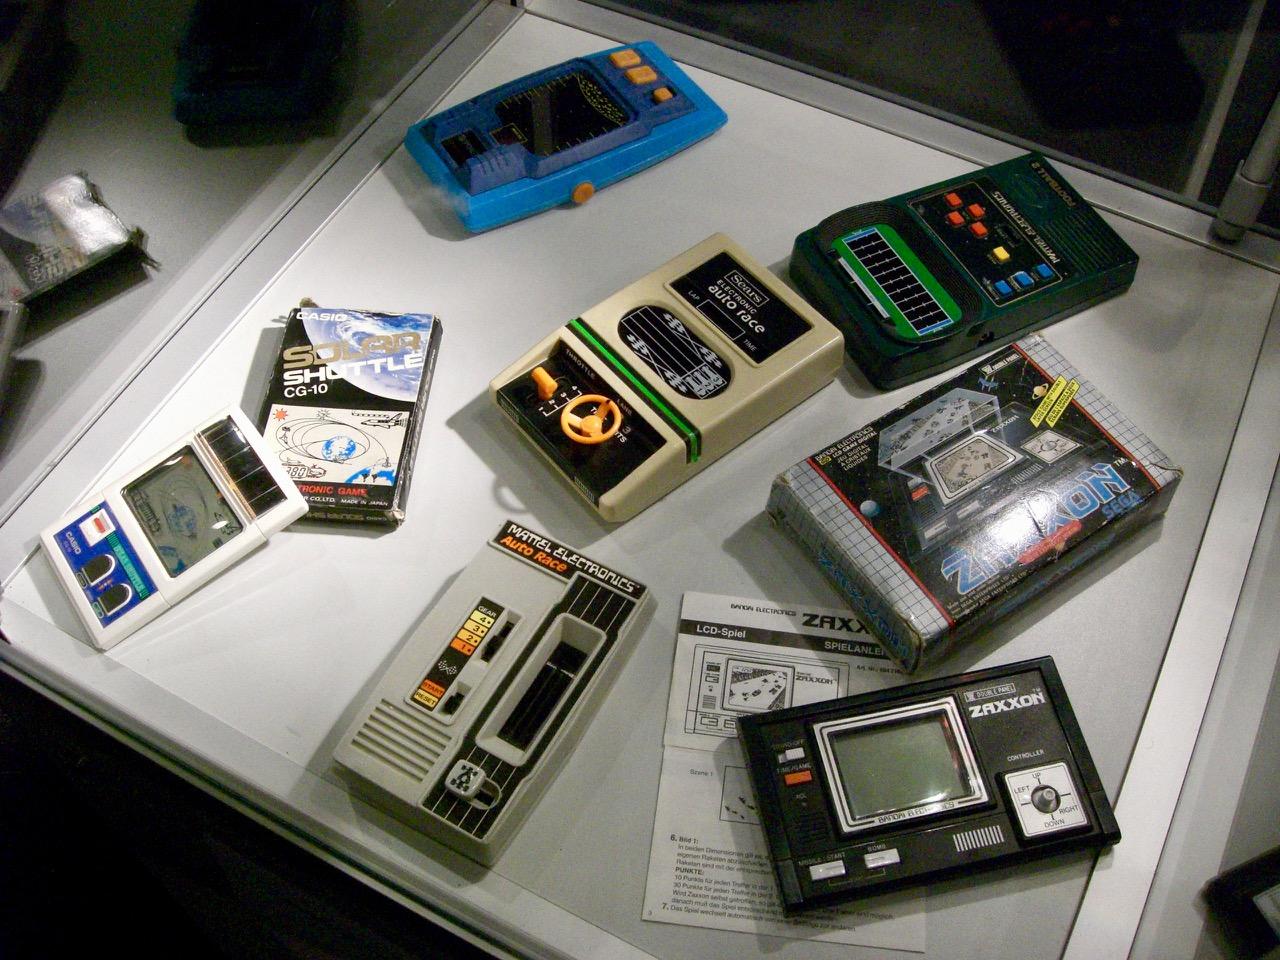 Frühe Handhelds von Mattel oder Casio. (Bild: André Eymann)